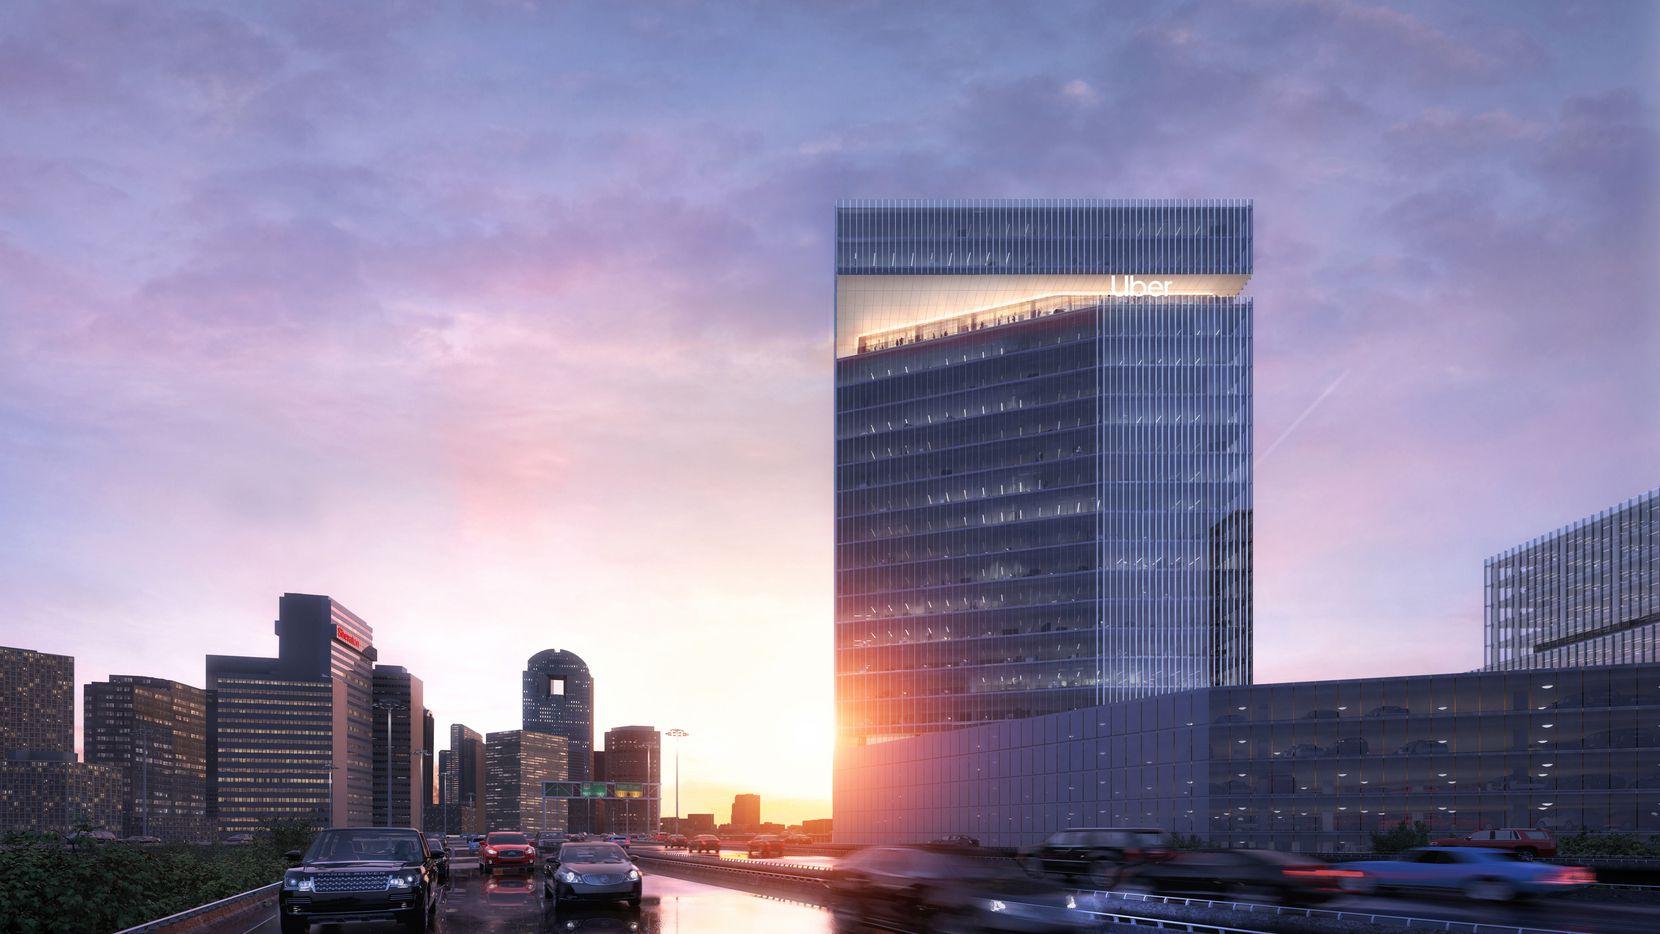 Uber se reubicará a un edificio de 23 pisos en Deep Ellum, que contará con ventanas inteligentes.